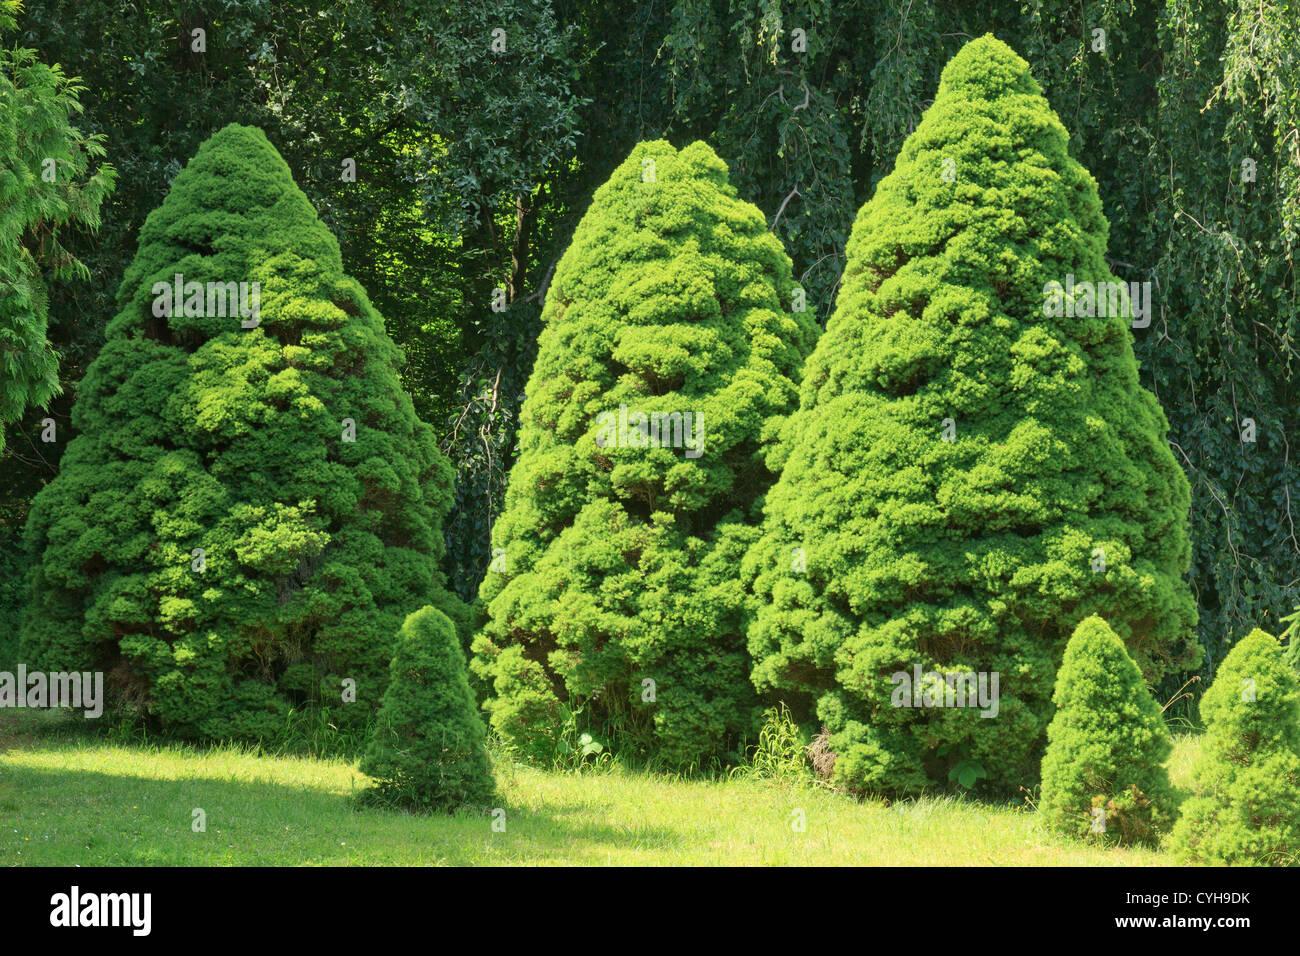 Alberta white spruce 'Conica', Picea glauca var. albertiana 'Conica' (Arbofolia, France) - Stock Image